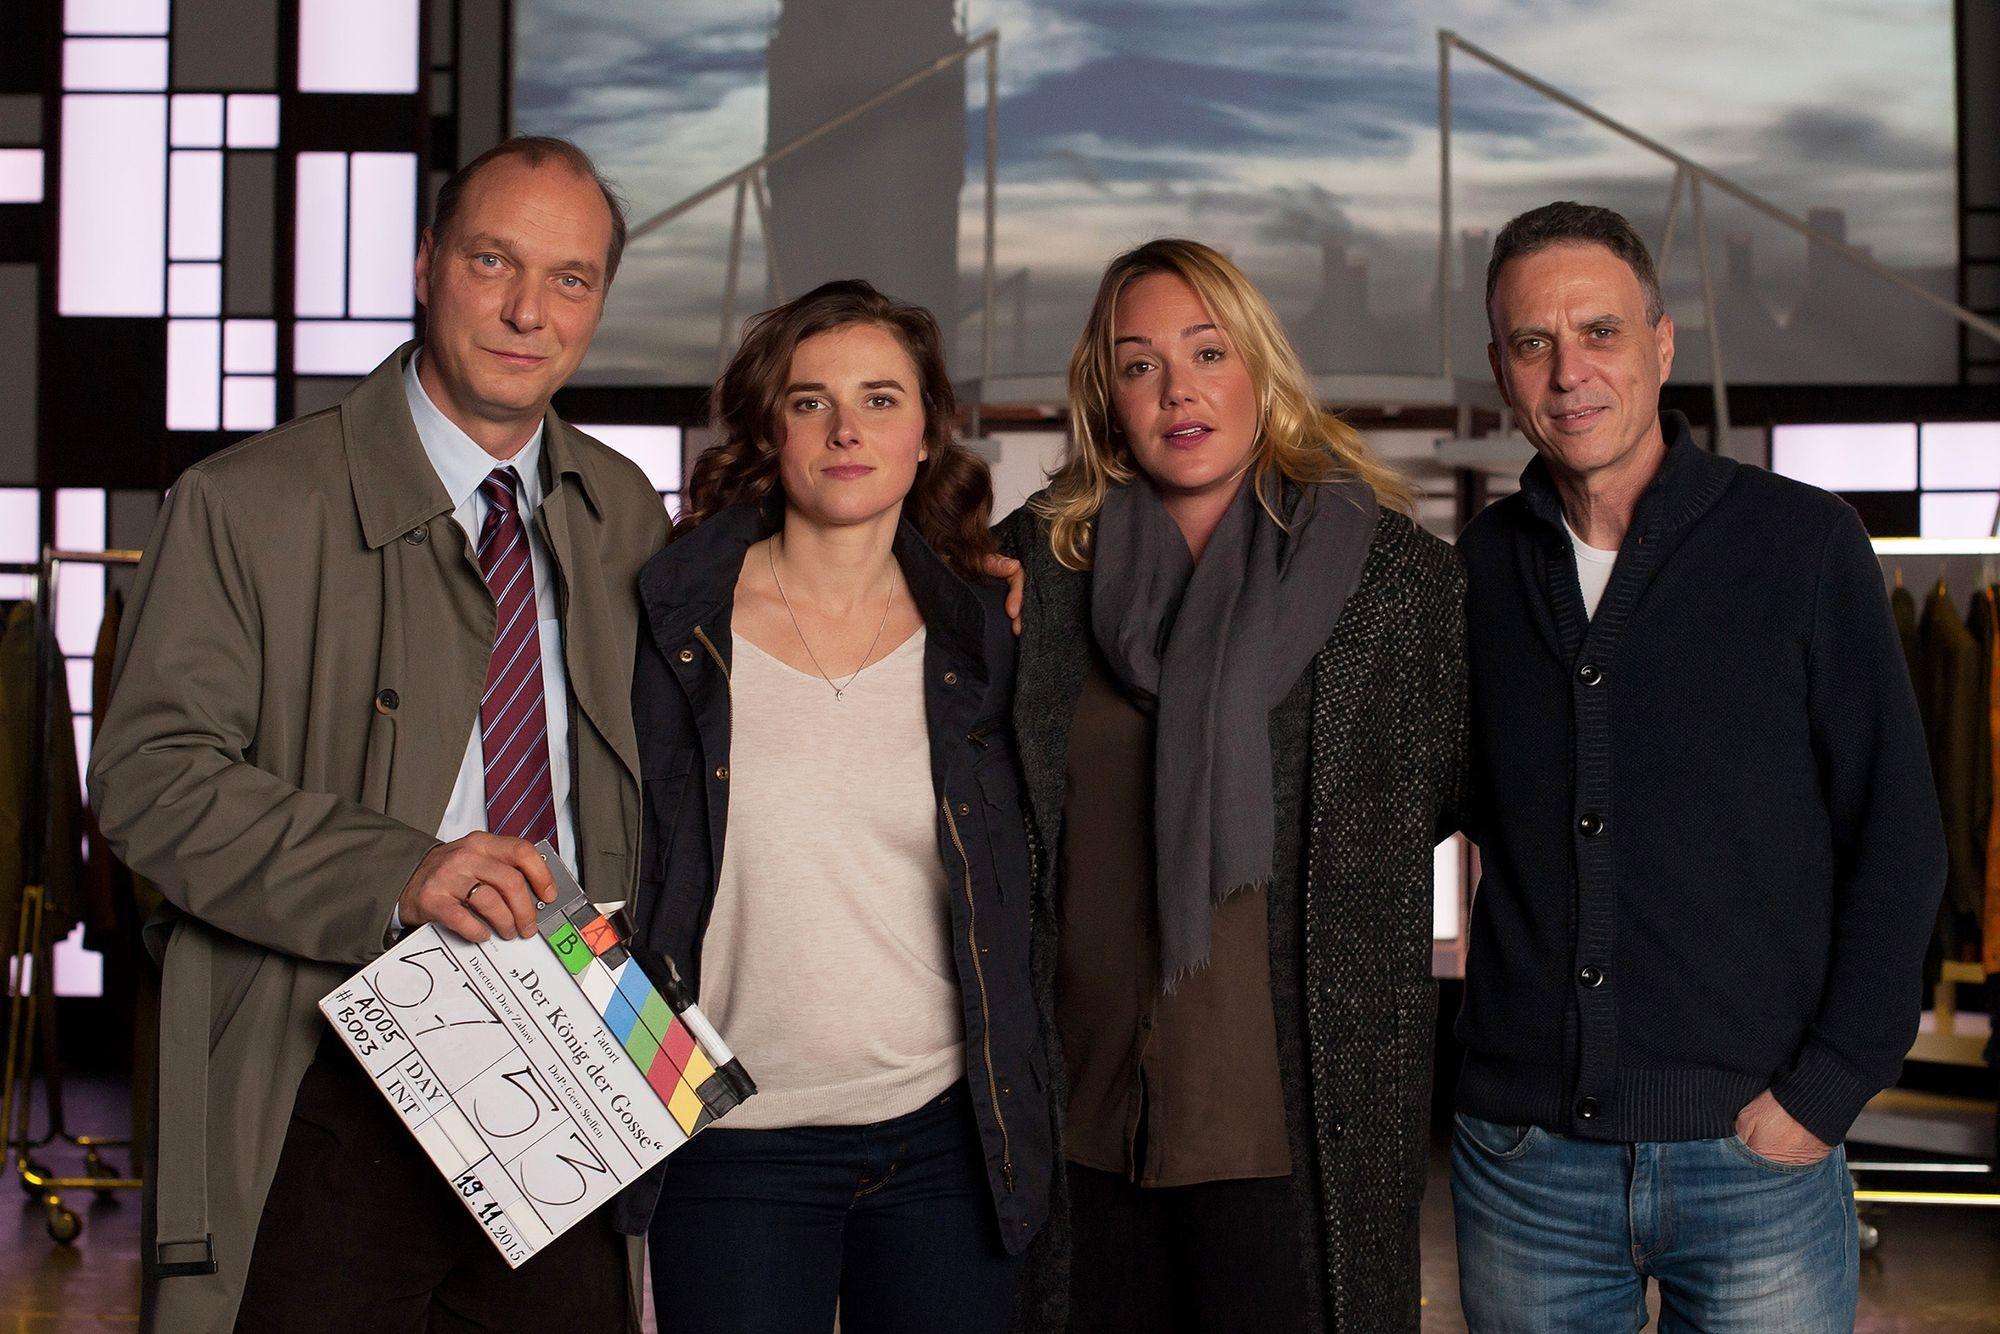 """Drehstart Tatort """"Der König der Gosse"""" (AT).  Martin Brambach, Karin Hanczewski, Alwara Höfels und Regisseur Dror Zahavi (v.l.). Foto: """"obs/MDR/MDR/Gordon Mühle"""""""